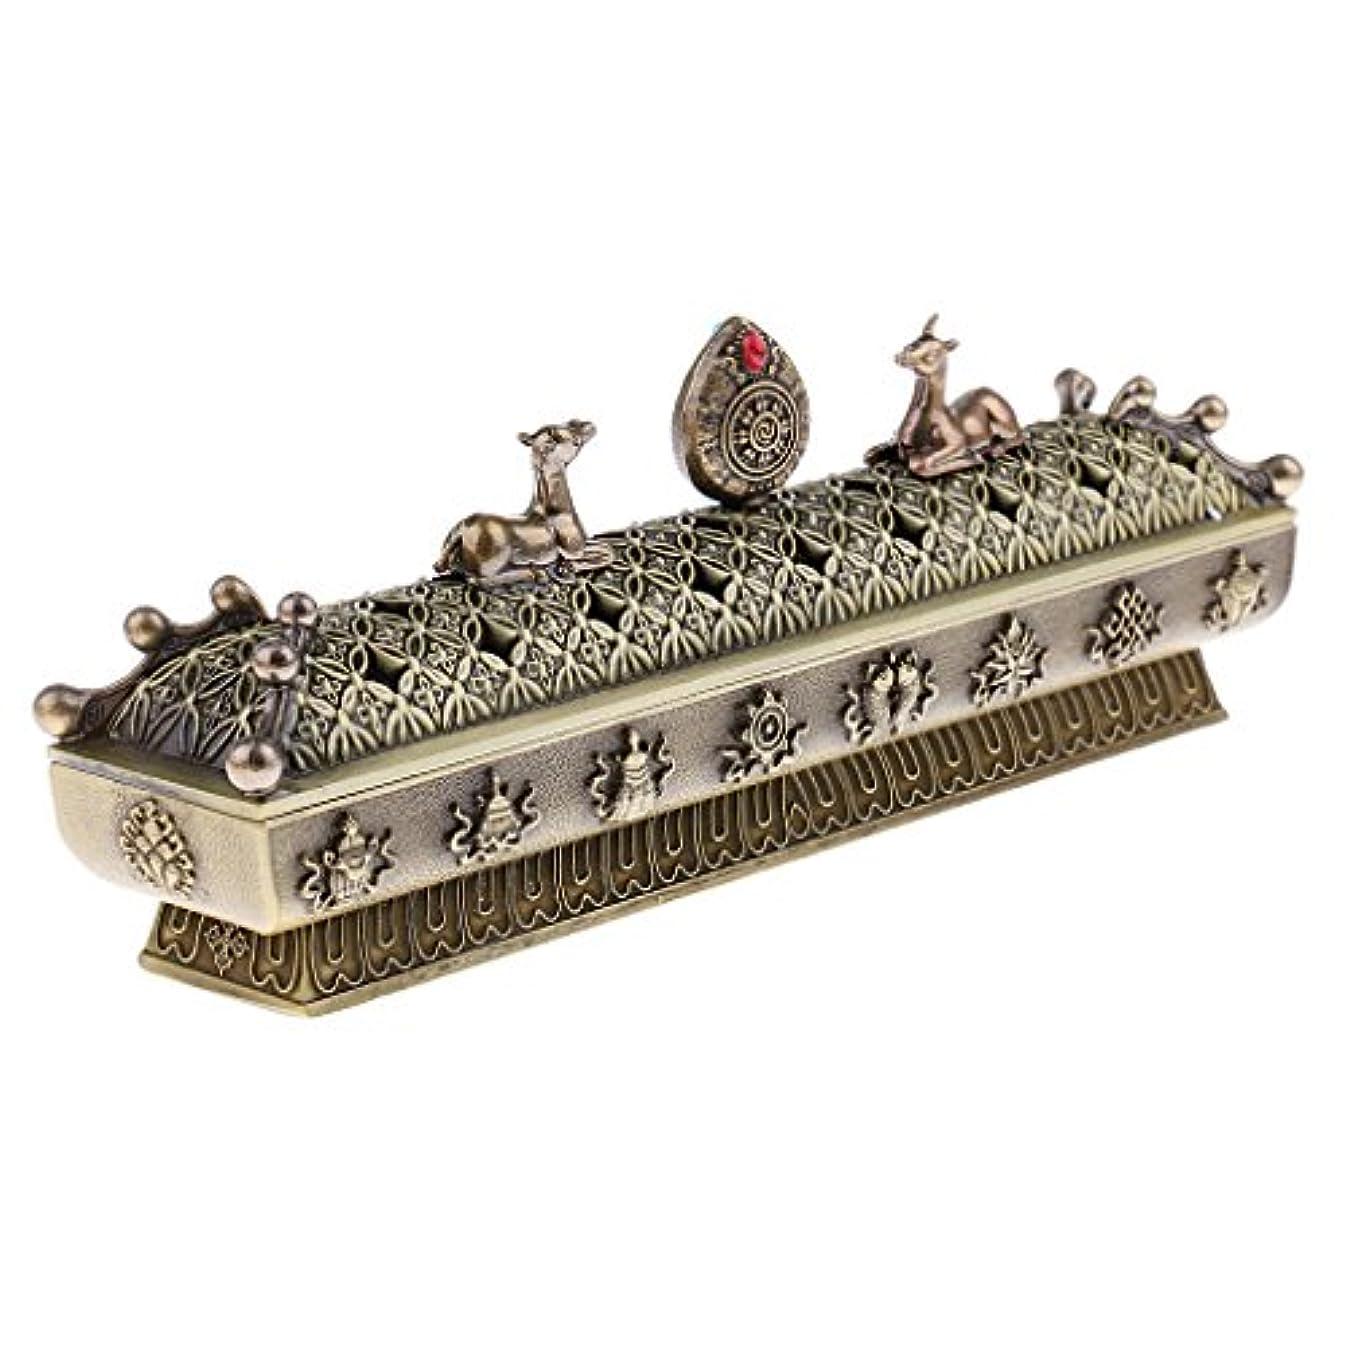 いとこ恵みピアノSONONIA 仏教 コーン 香りバーナー アッシュキャッチャー 香炉 全3色 - ブロンズ